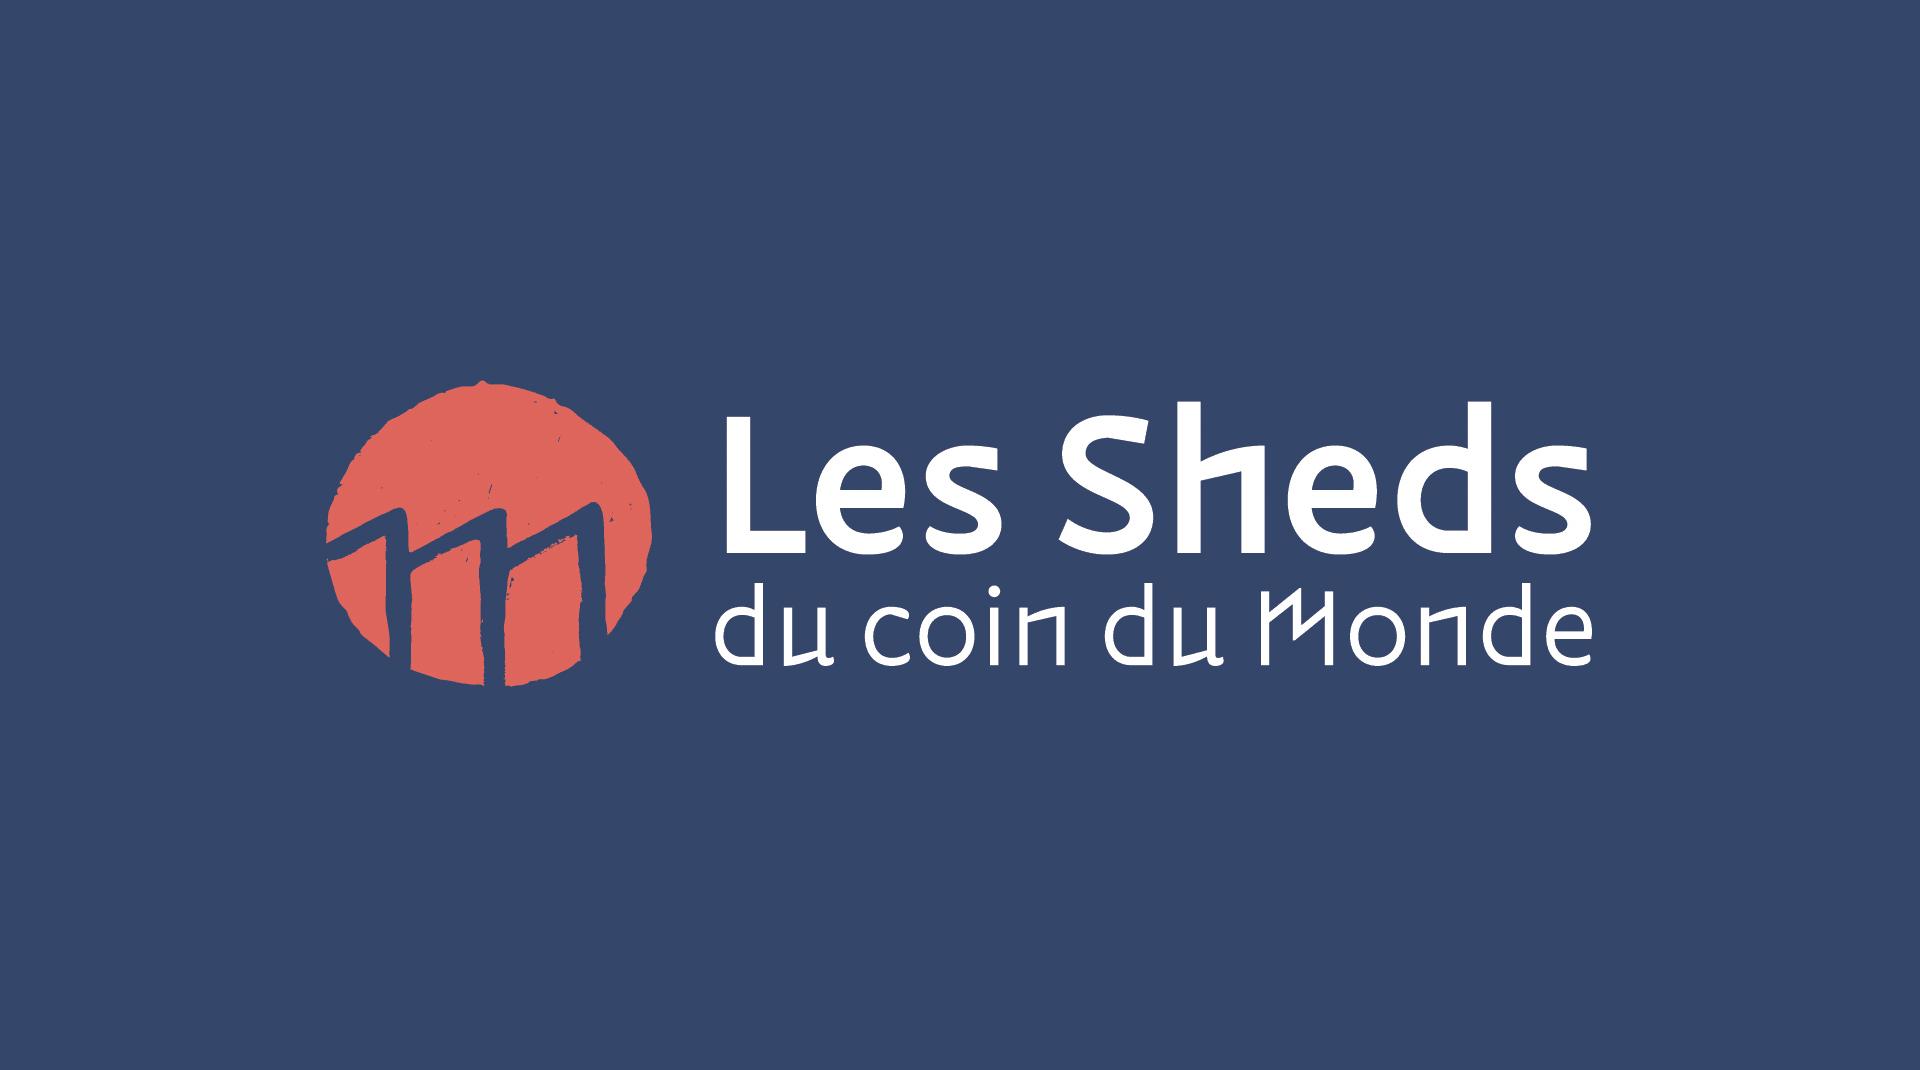 les-sheds-du-coin-du-monde-01